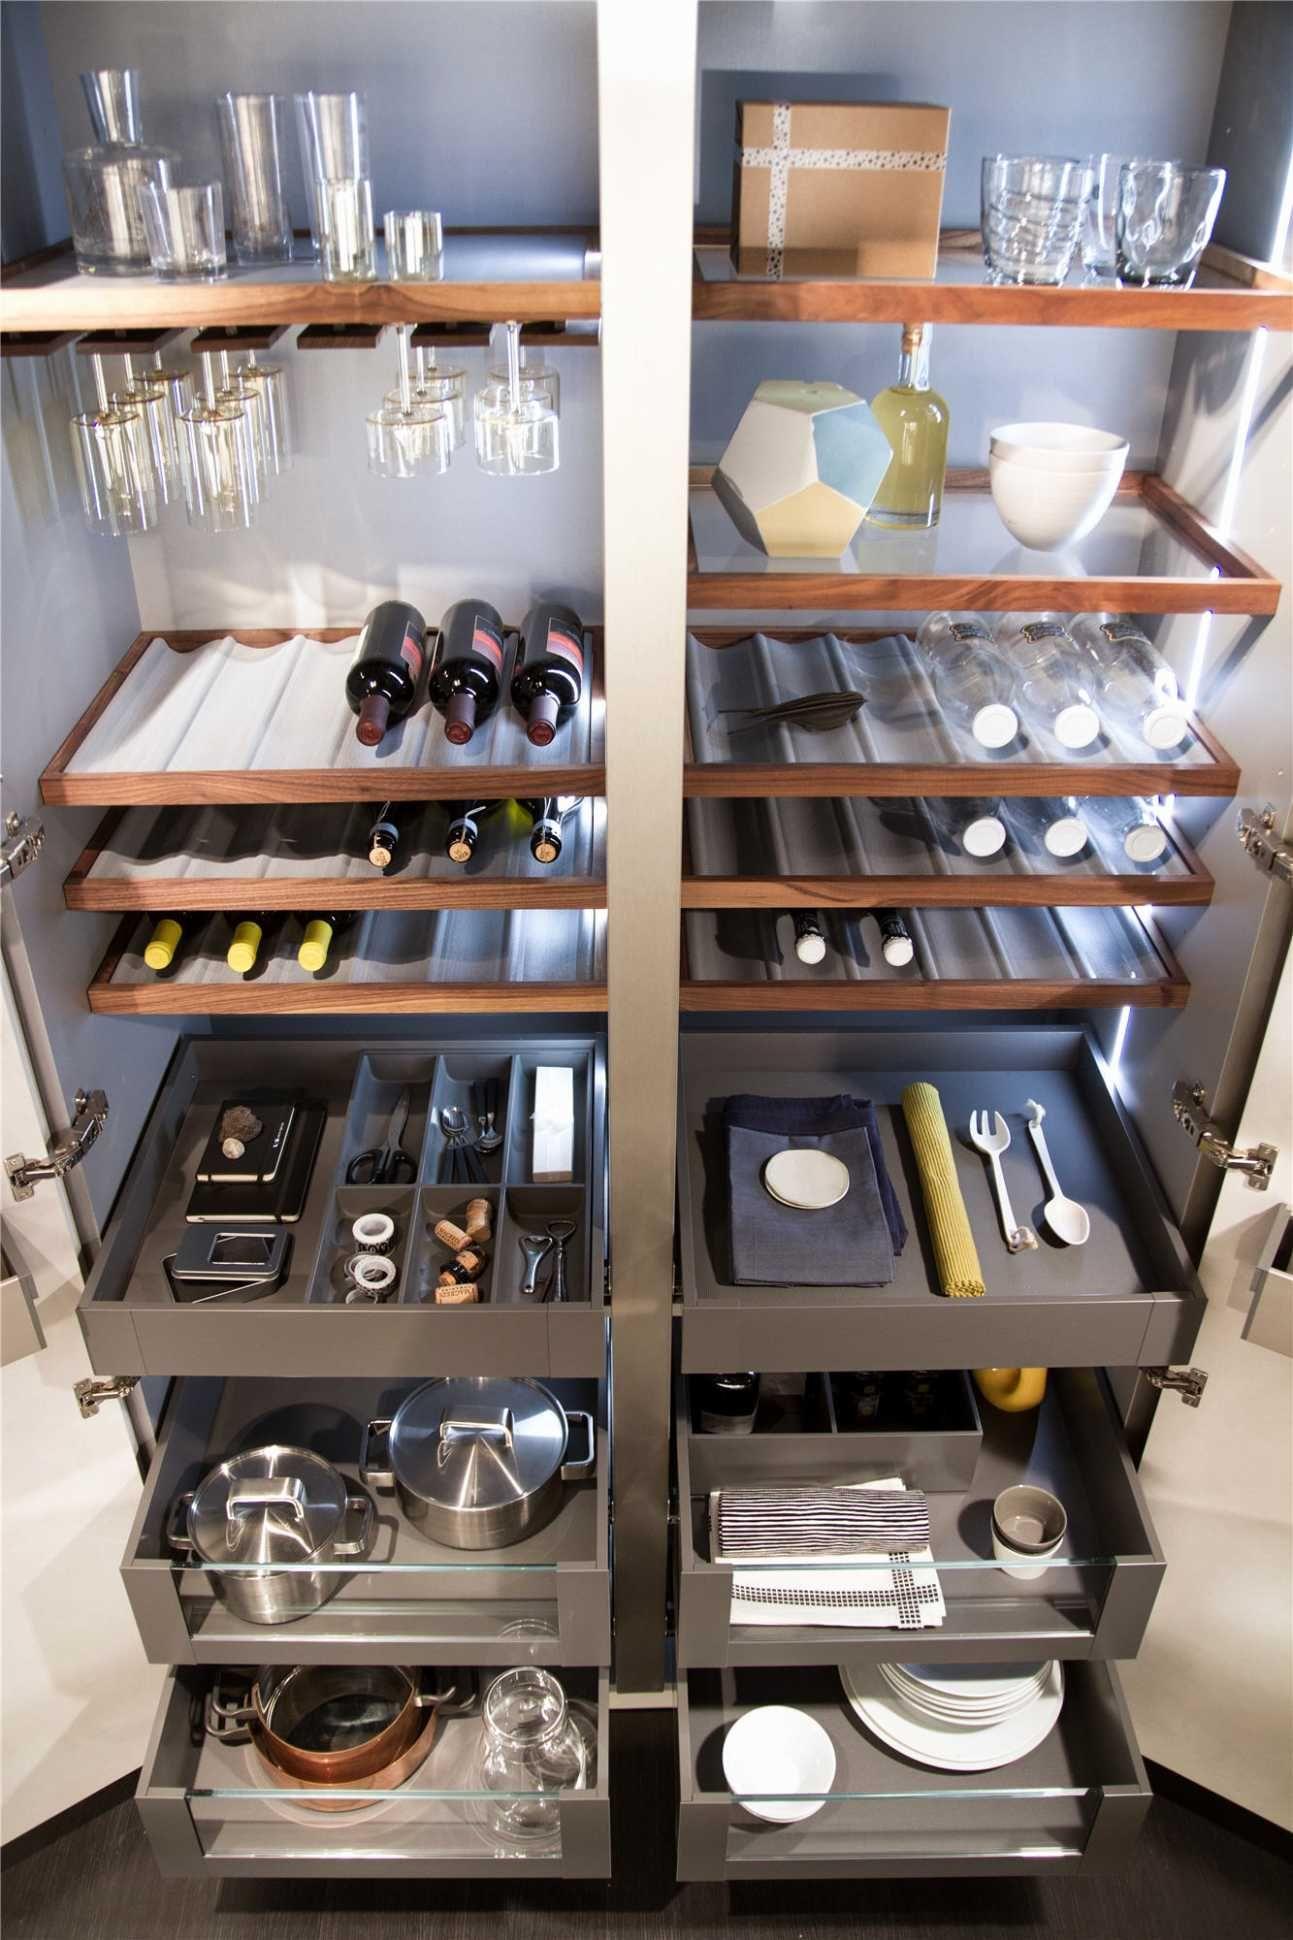 Ikea Mobiletti Cucina Nuovo Dispense Cucina top Armadio ...